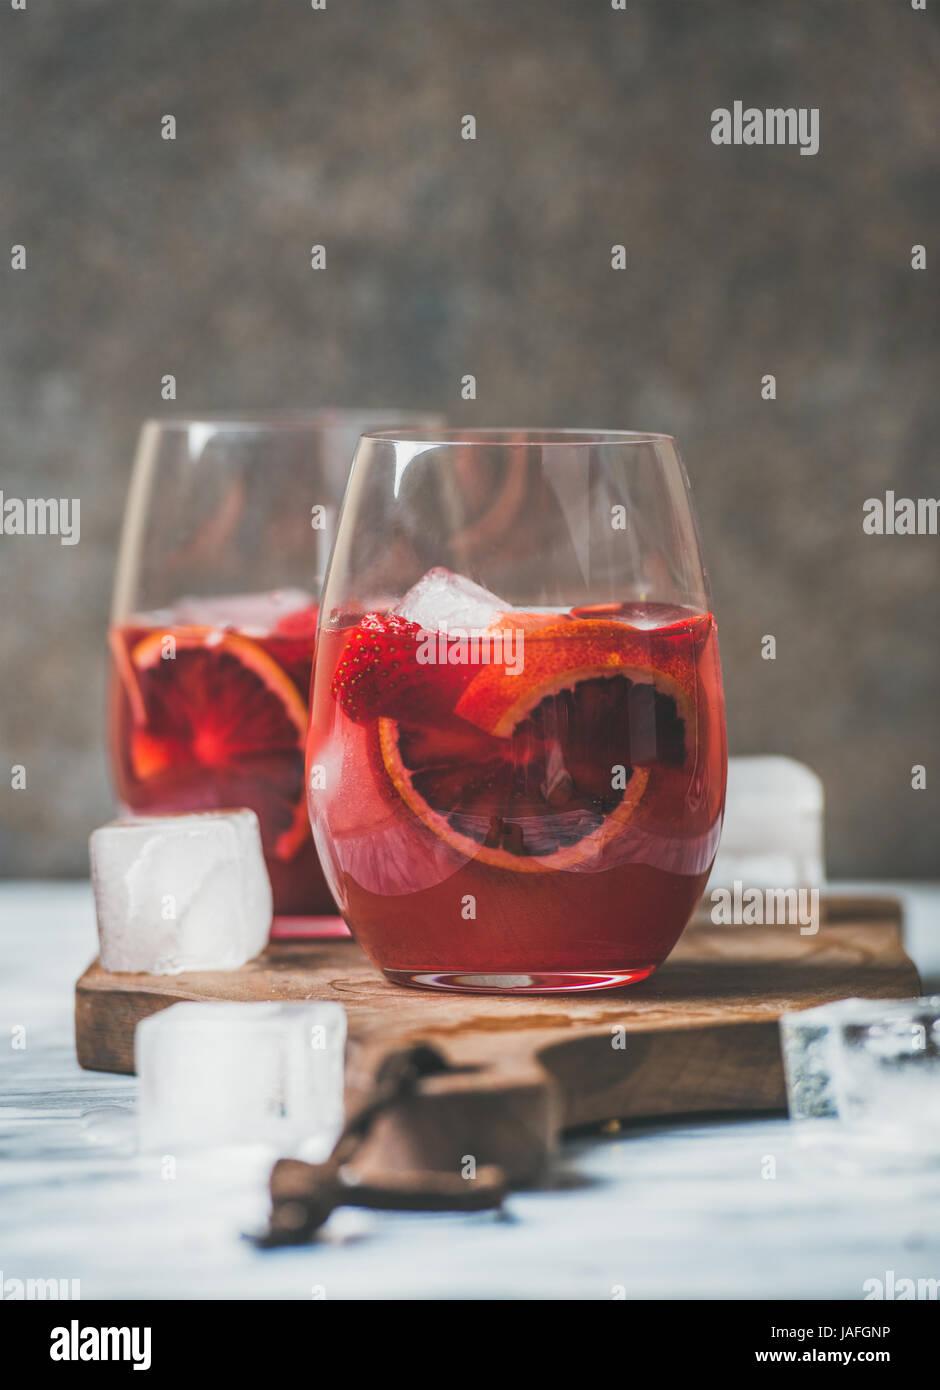 Blutorange und Erdbeere Sommer Sangria. Frucht, erfrischende rose Wein Cocktails in Gläser mit Eis, dunklen Hintergrund, Stockfoto